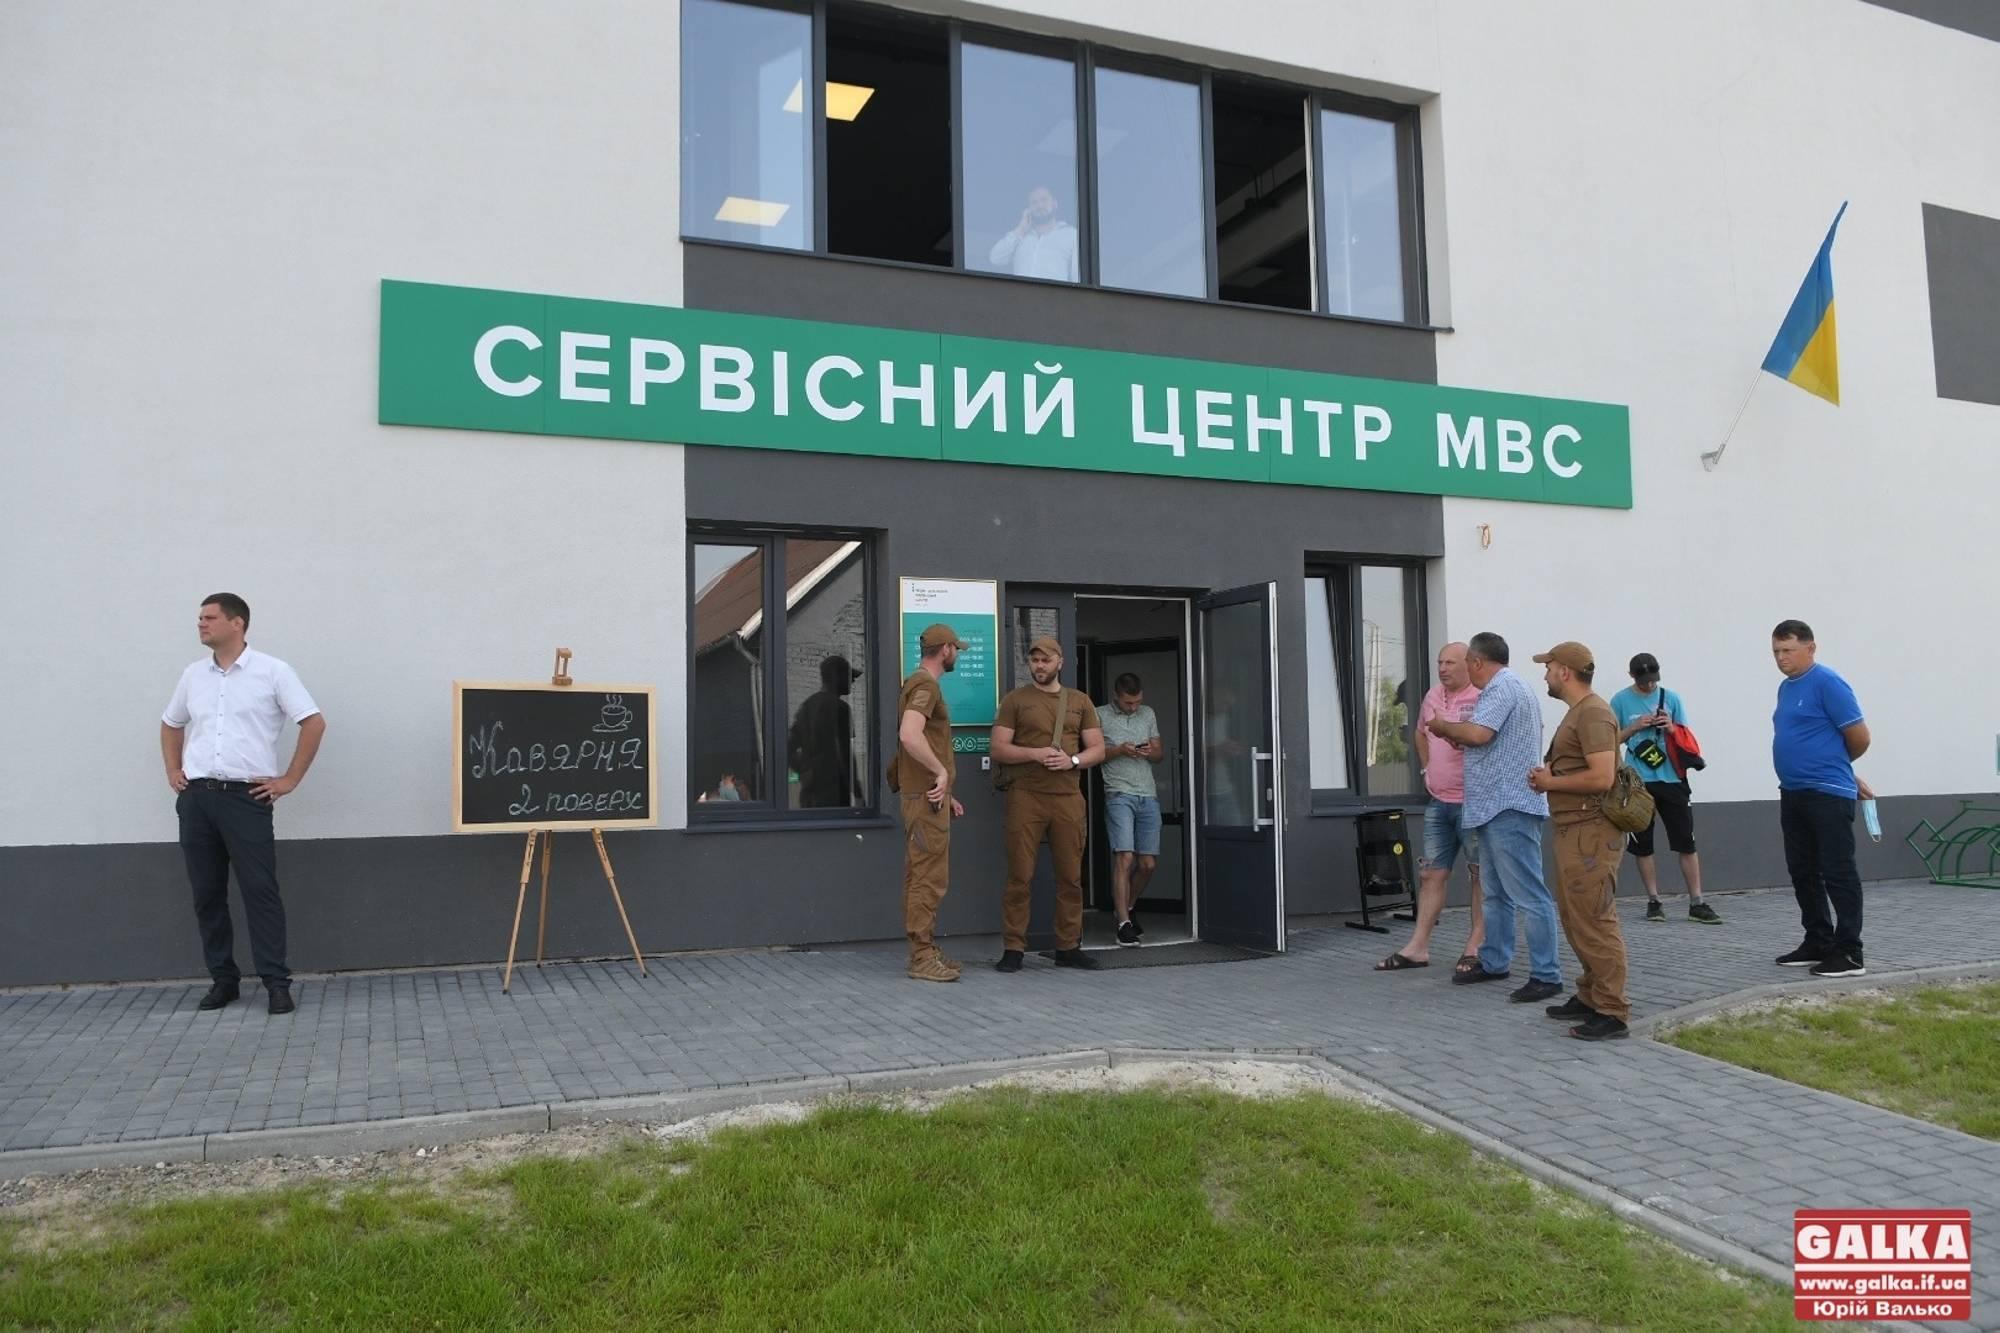 Всі послуги в одному місці: у Франківську Сервісний центр МВС переїхав в інвестпарк